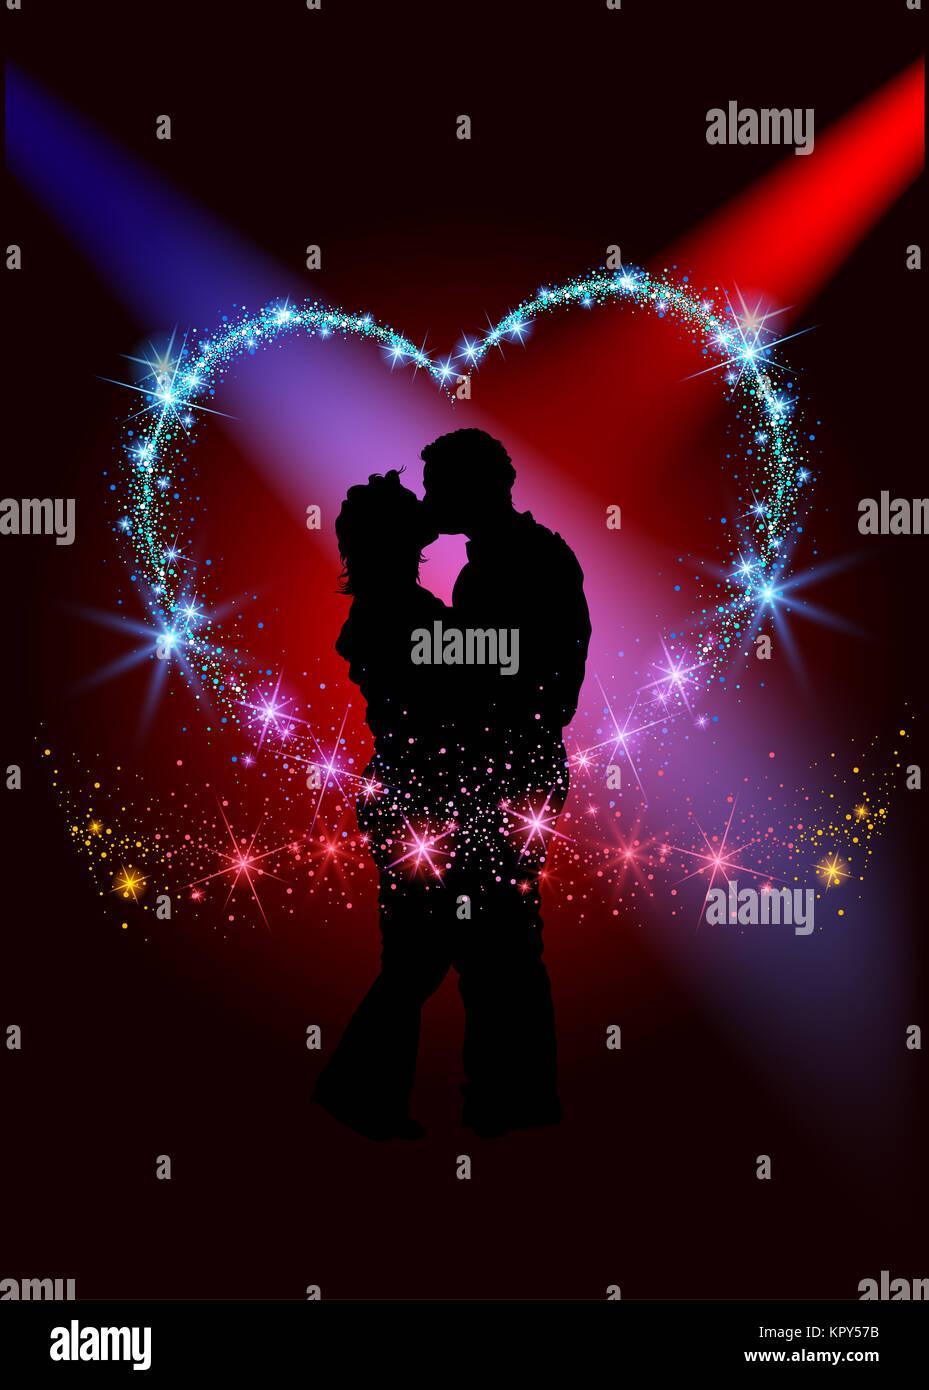 L'intérieur du cœur animé amoureux Banque D'Images